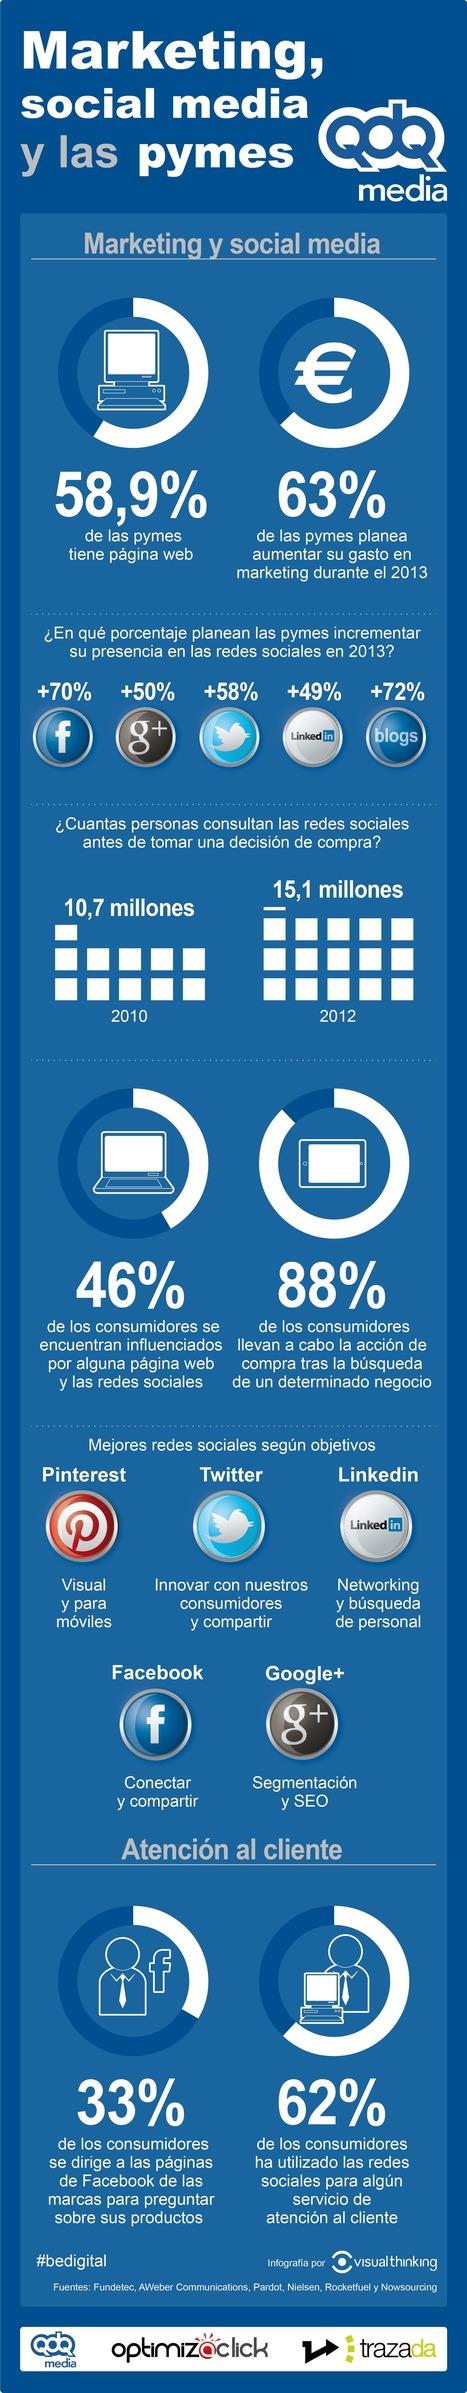 Marketing, social media y las pymes españolas | bmarketing | Scoop.it